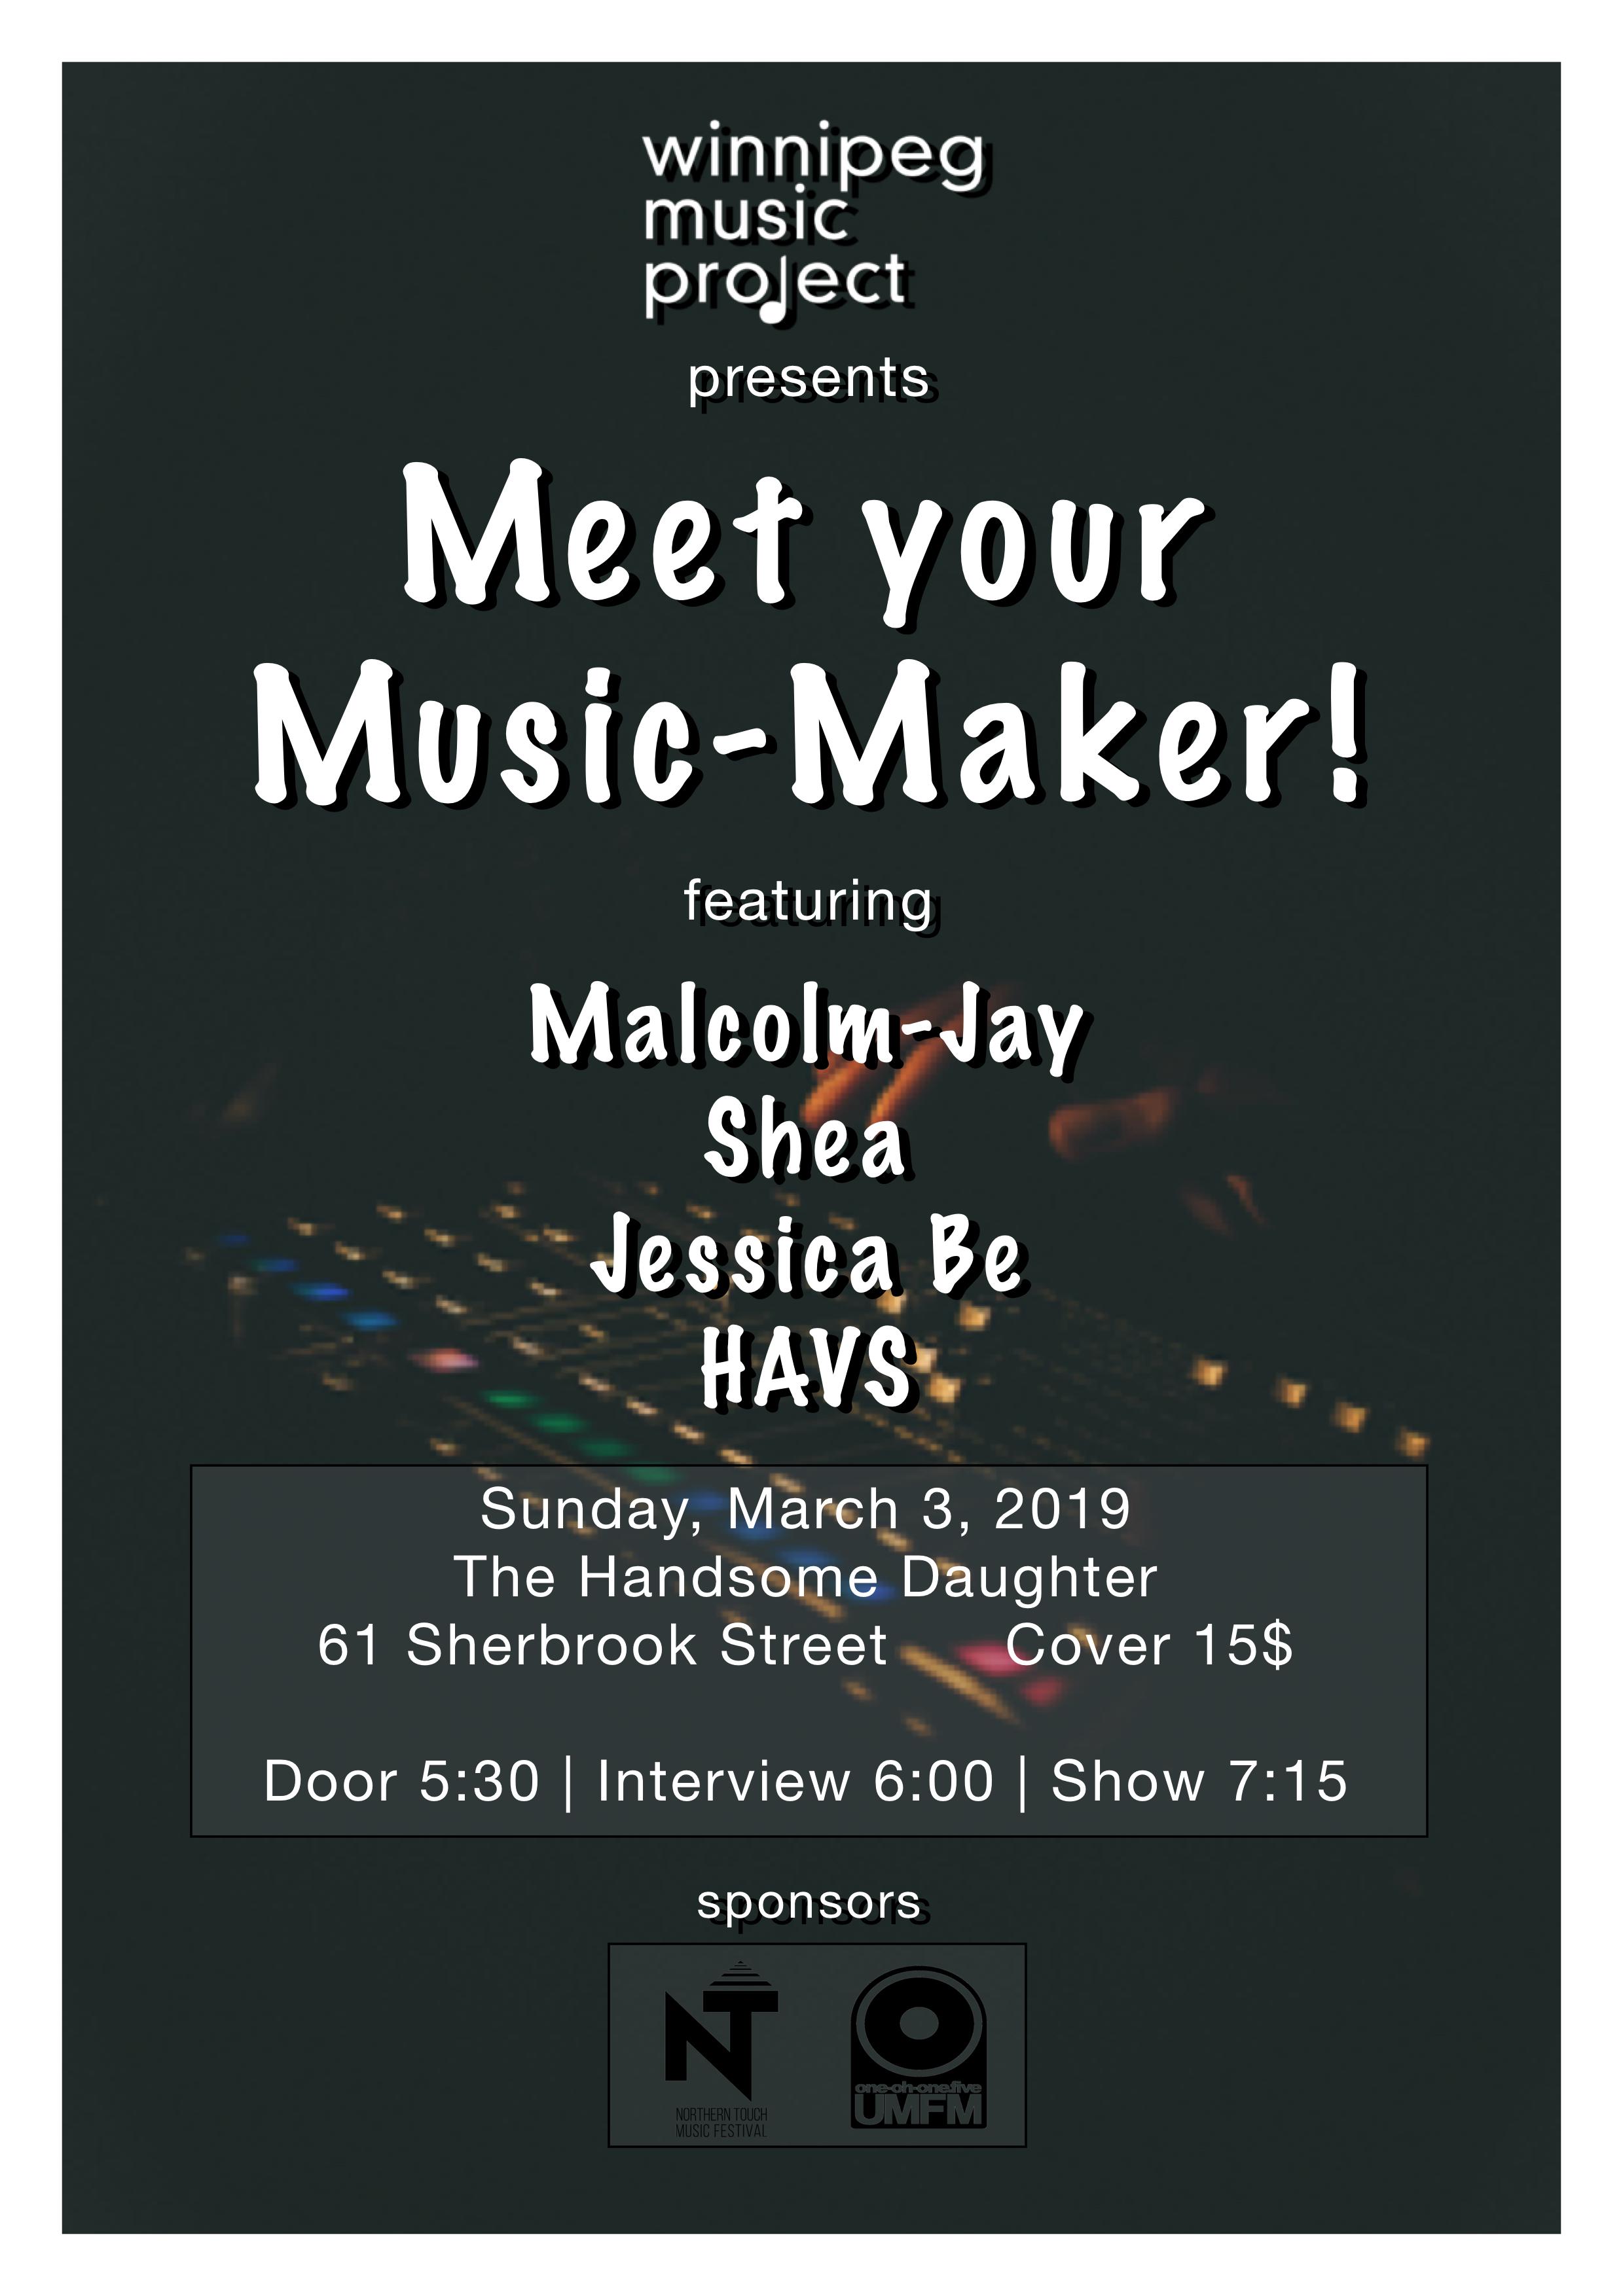 Meet Your Music Maker Poster   Winnipeg Music Project